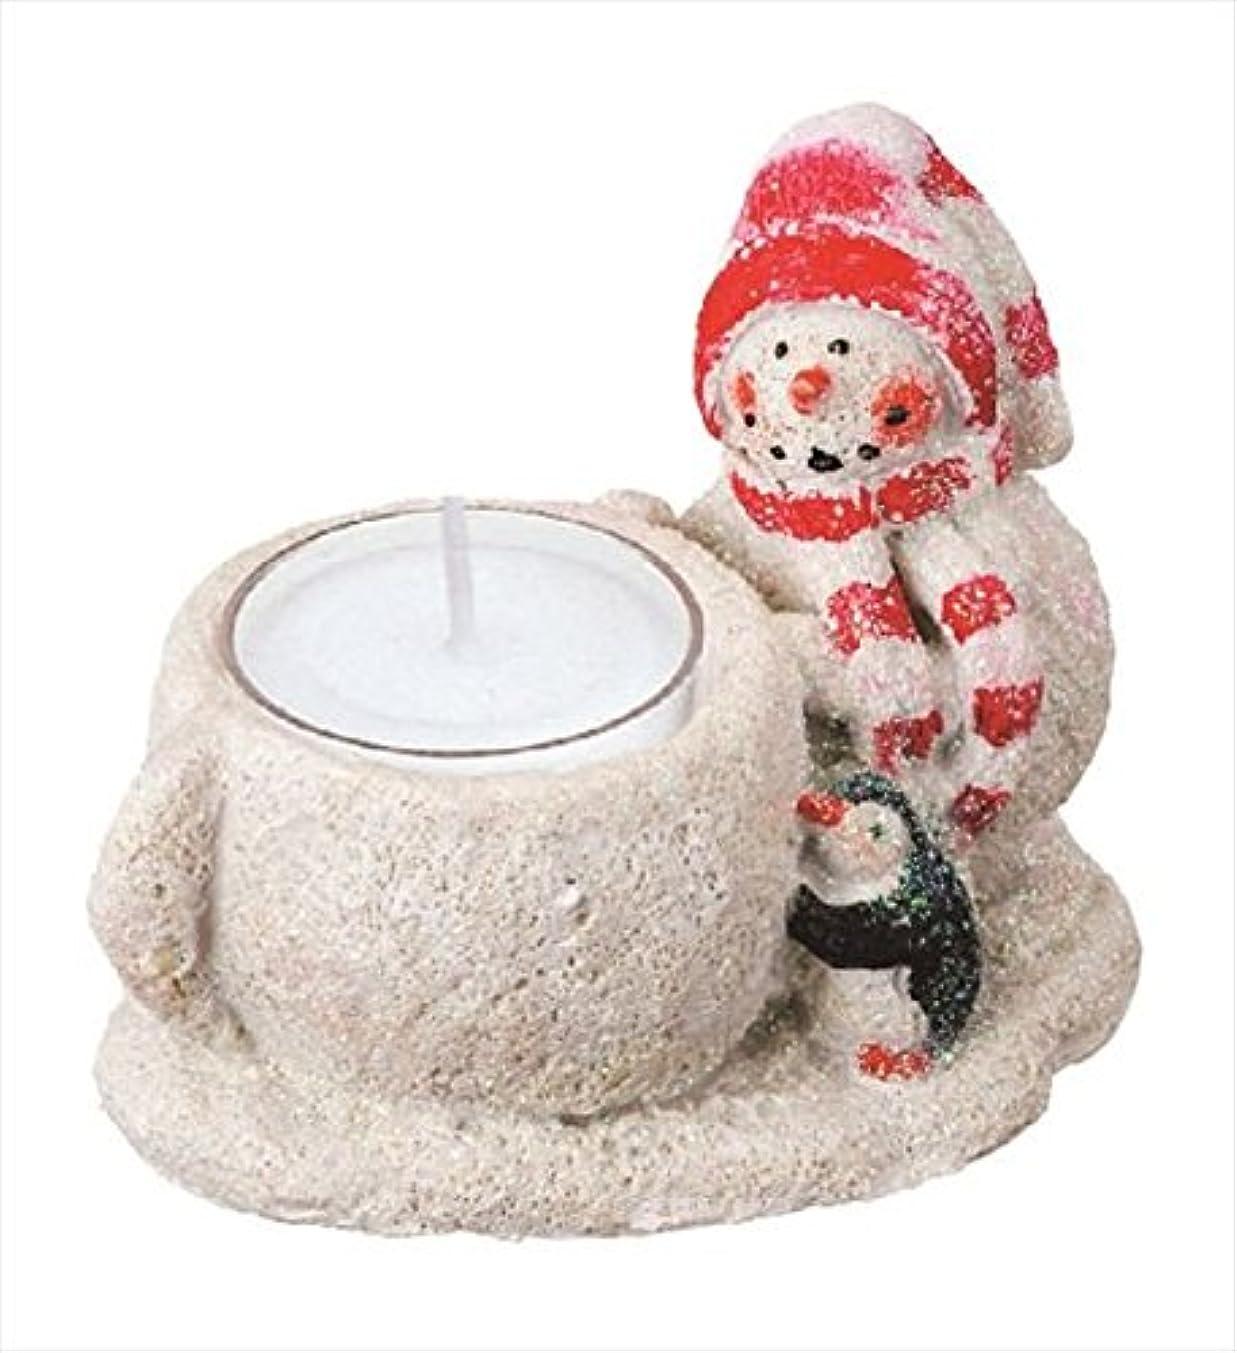 テスト分割雪だるまkameyama candle(カメヤマキャンドル) グリッタースノーマンホルダー 「 レッド 」(J5520000R)